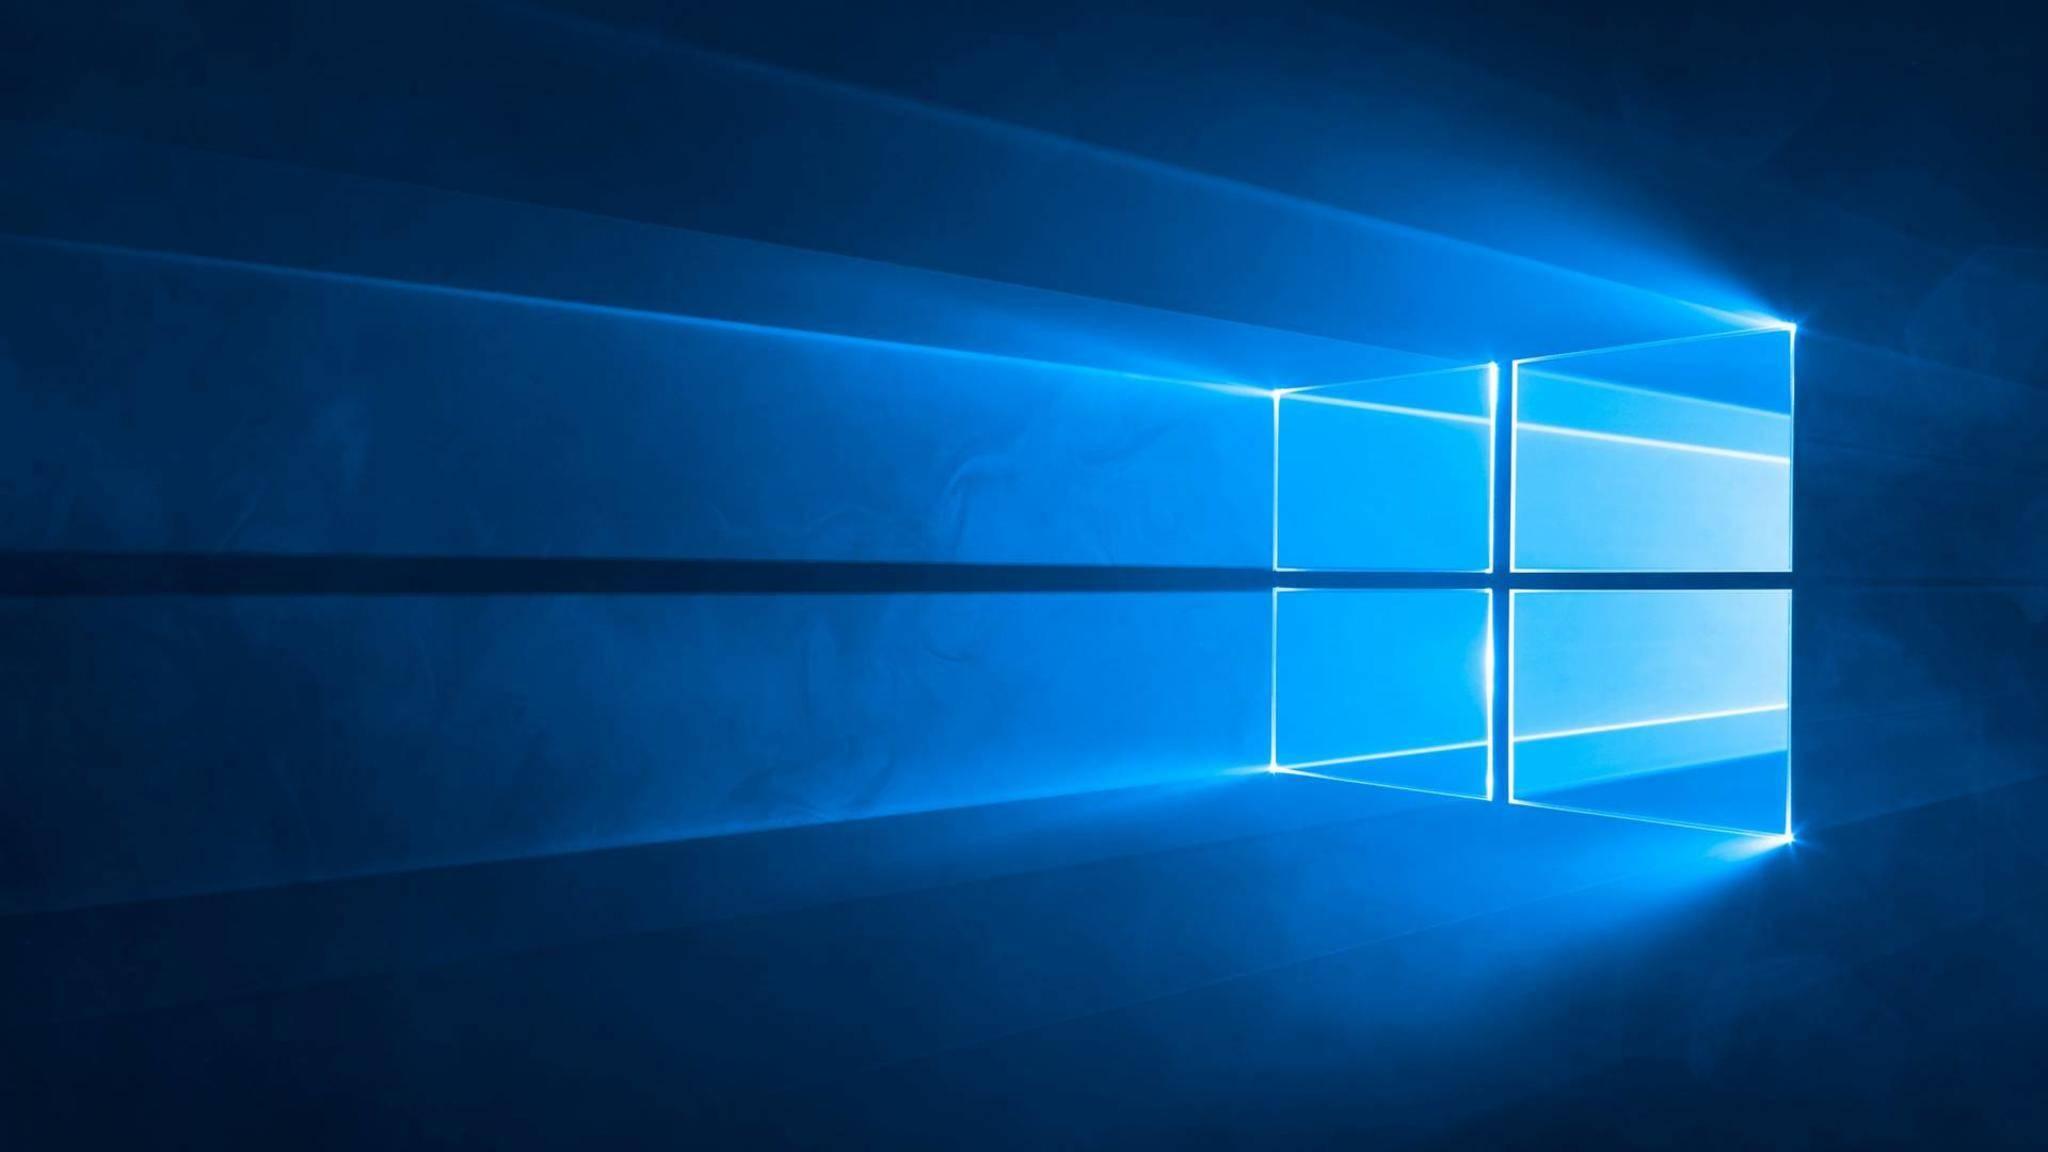 Endet der Windows-10-Support für einige Rechner schon Anfang 2018?